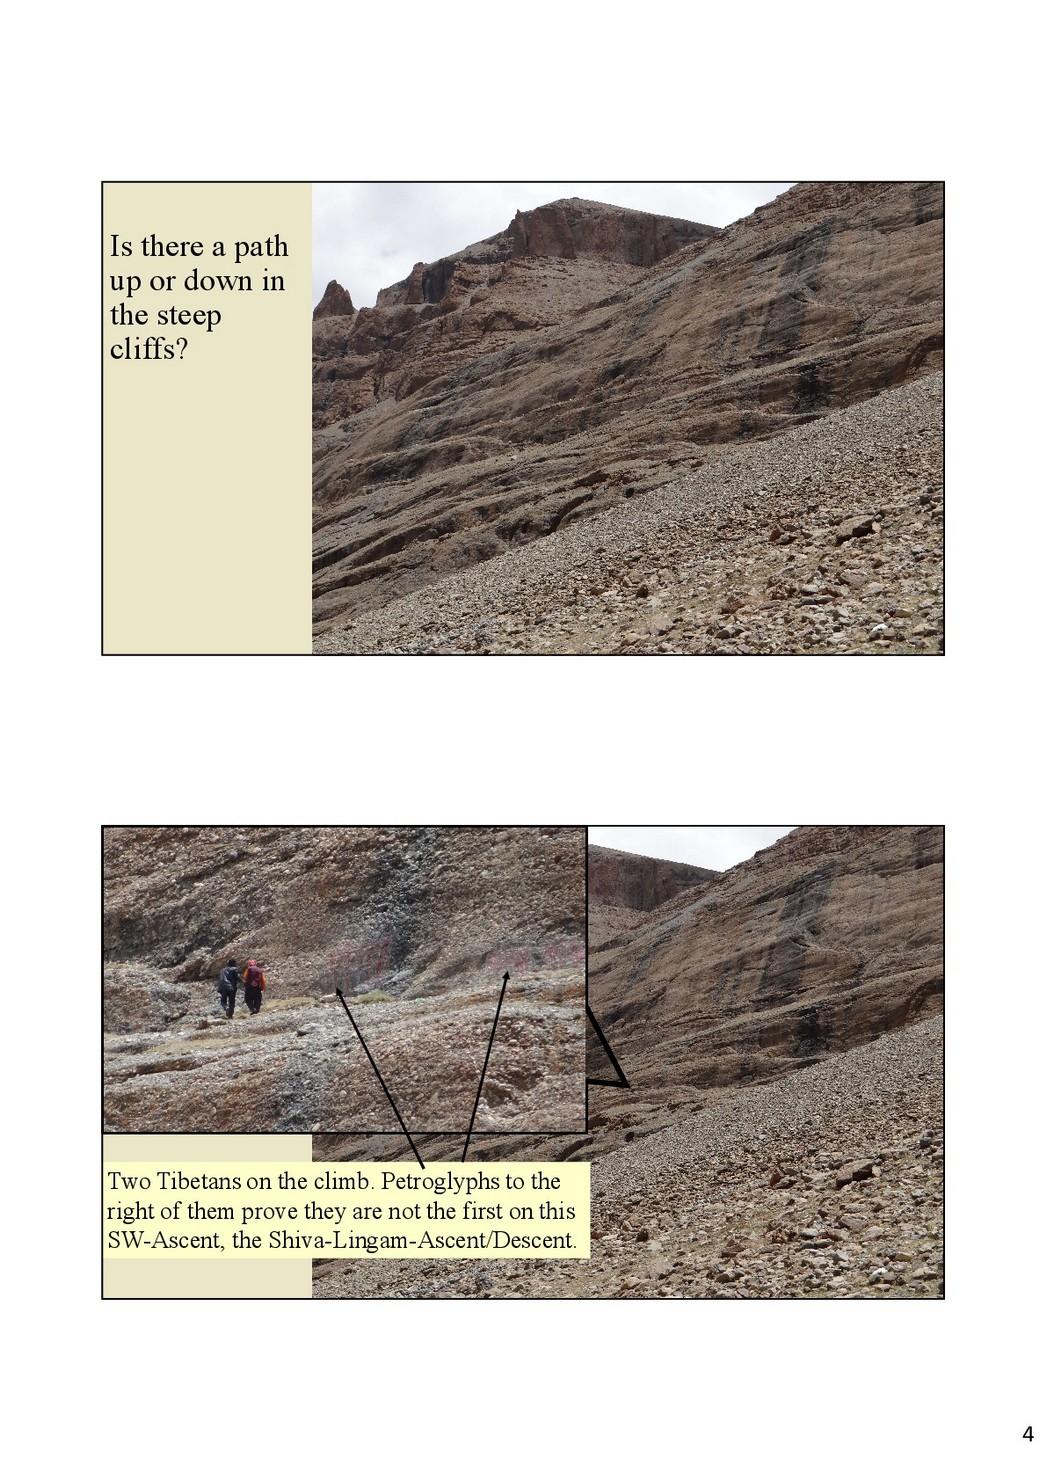 Spiral-Kora-of-Mt.-Kailash-22